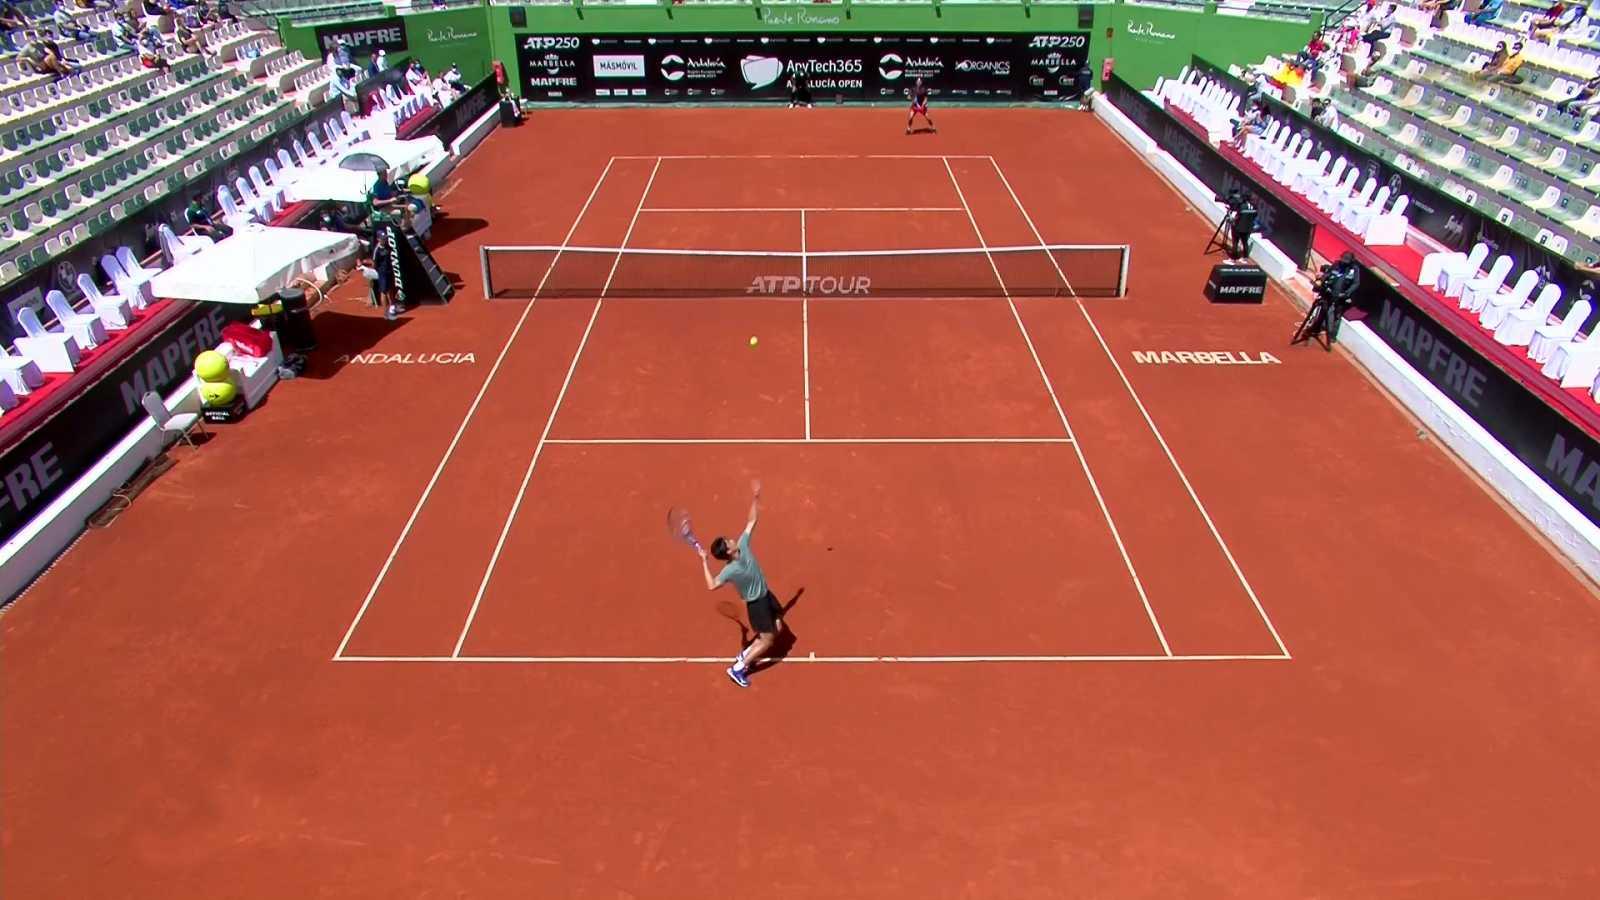 Tenis - ATP 250 Torneo Marbella: Lopez - Daniel - ver ahora